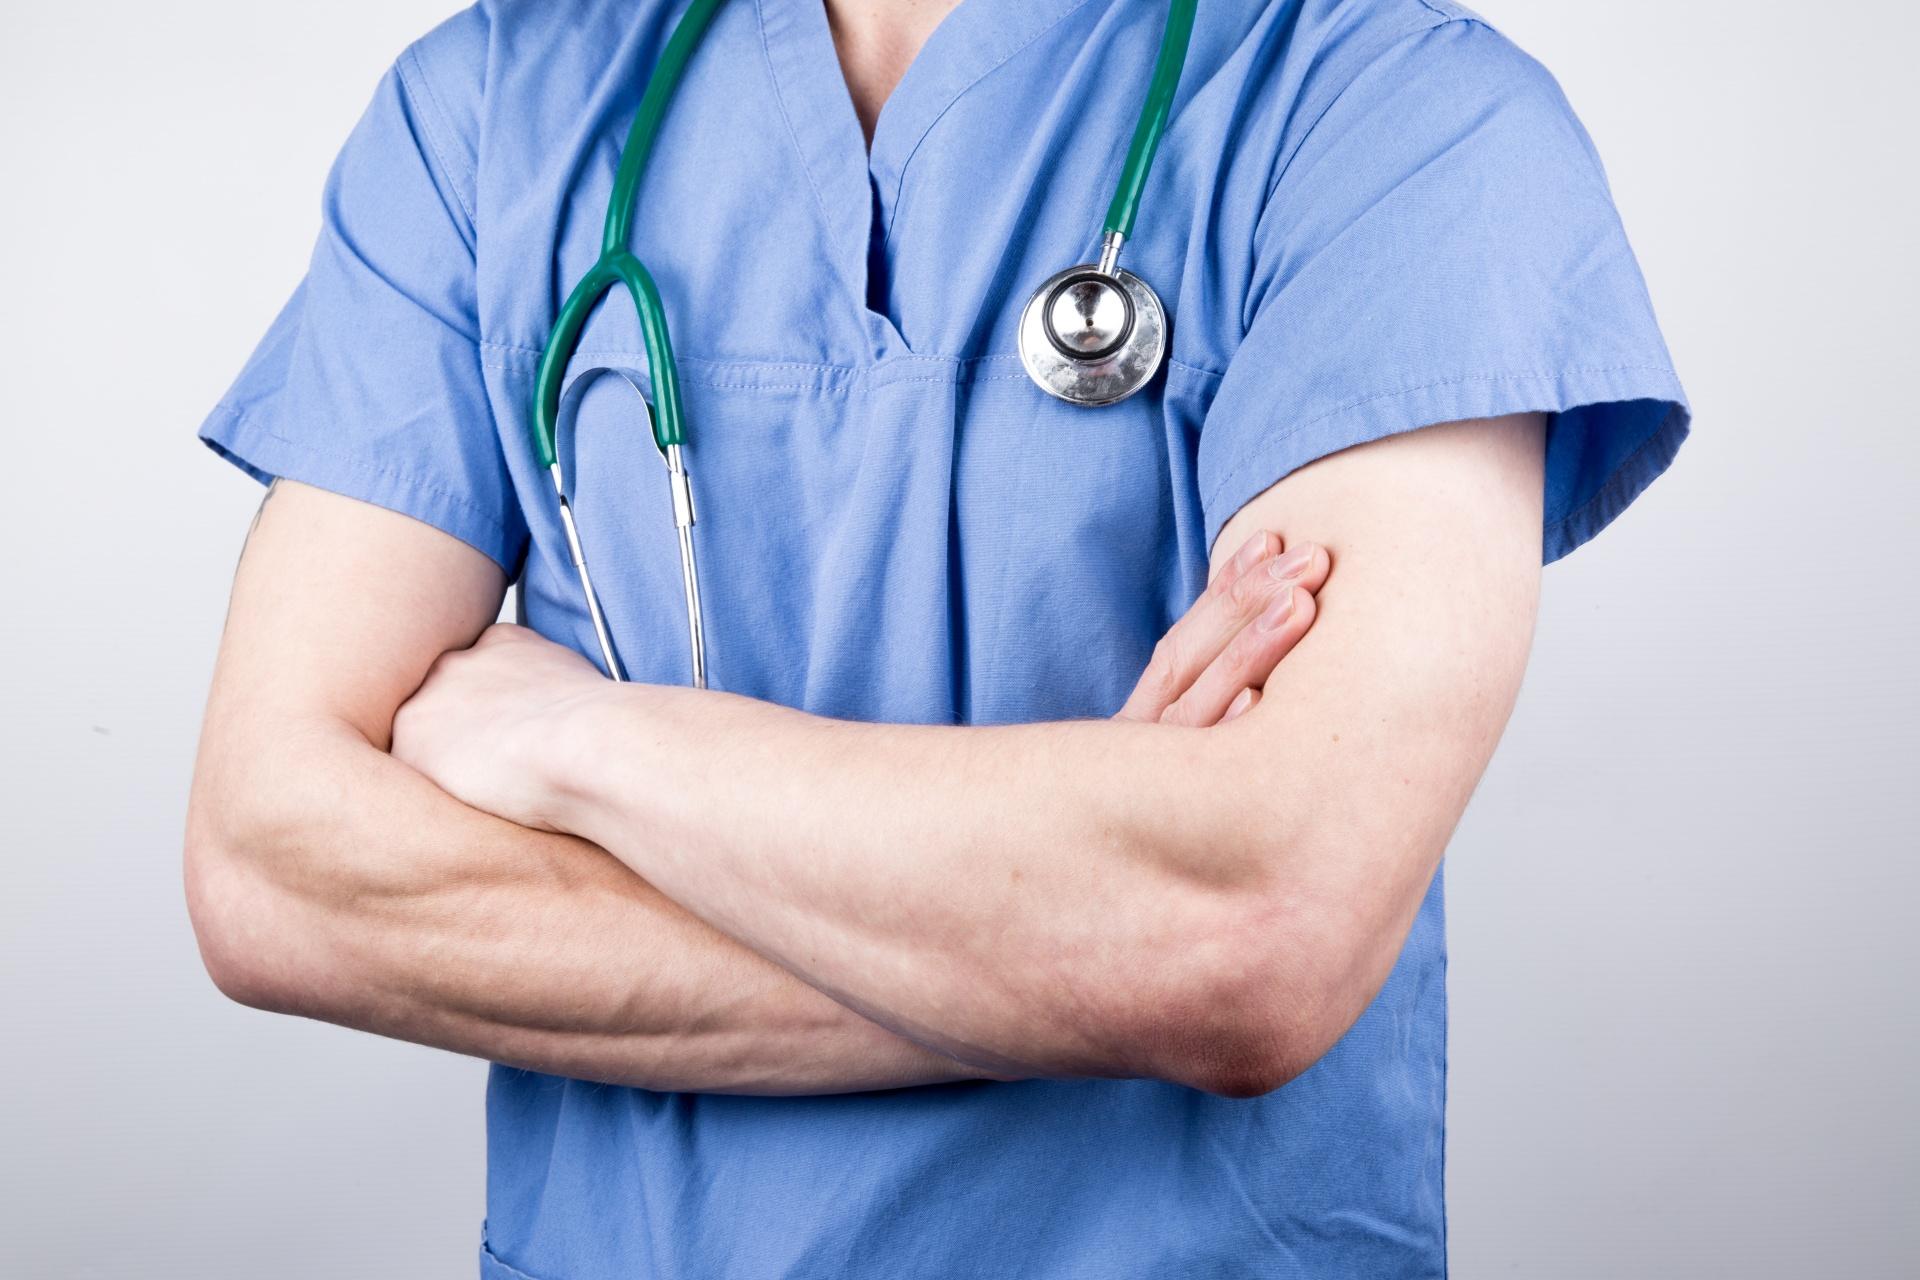 Nyílt visszérműtét - Betegtájékoztató | Elite Clinic